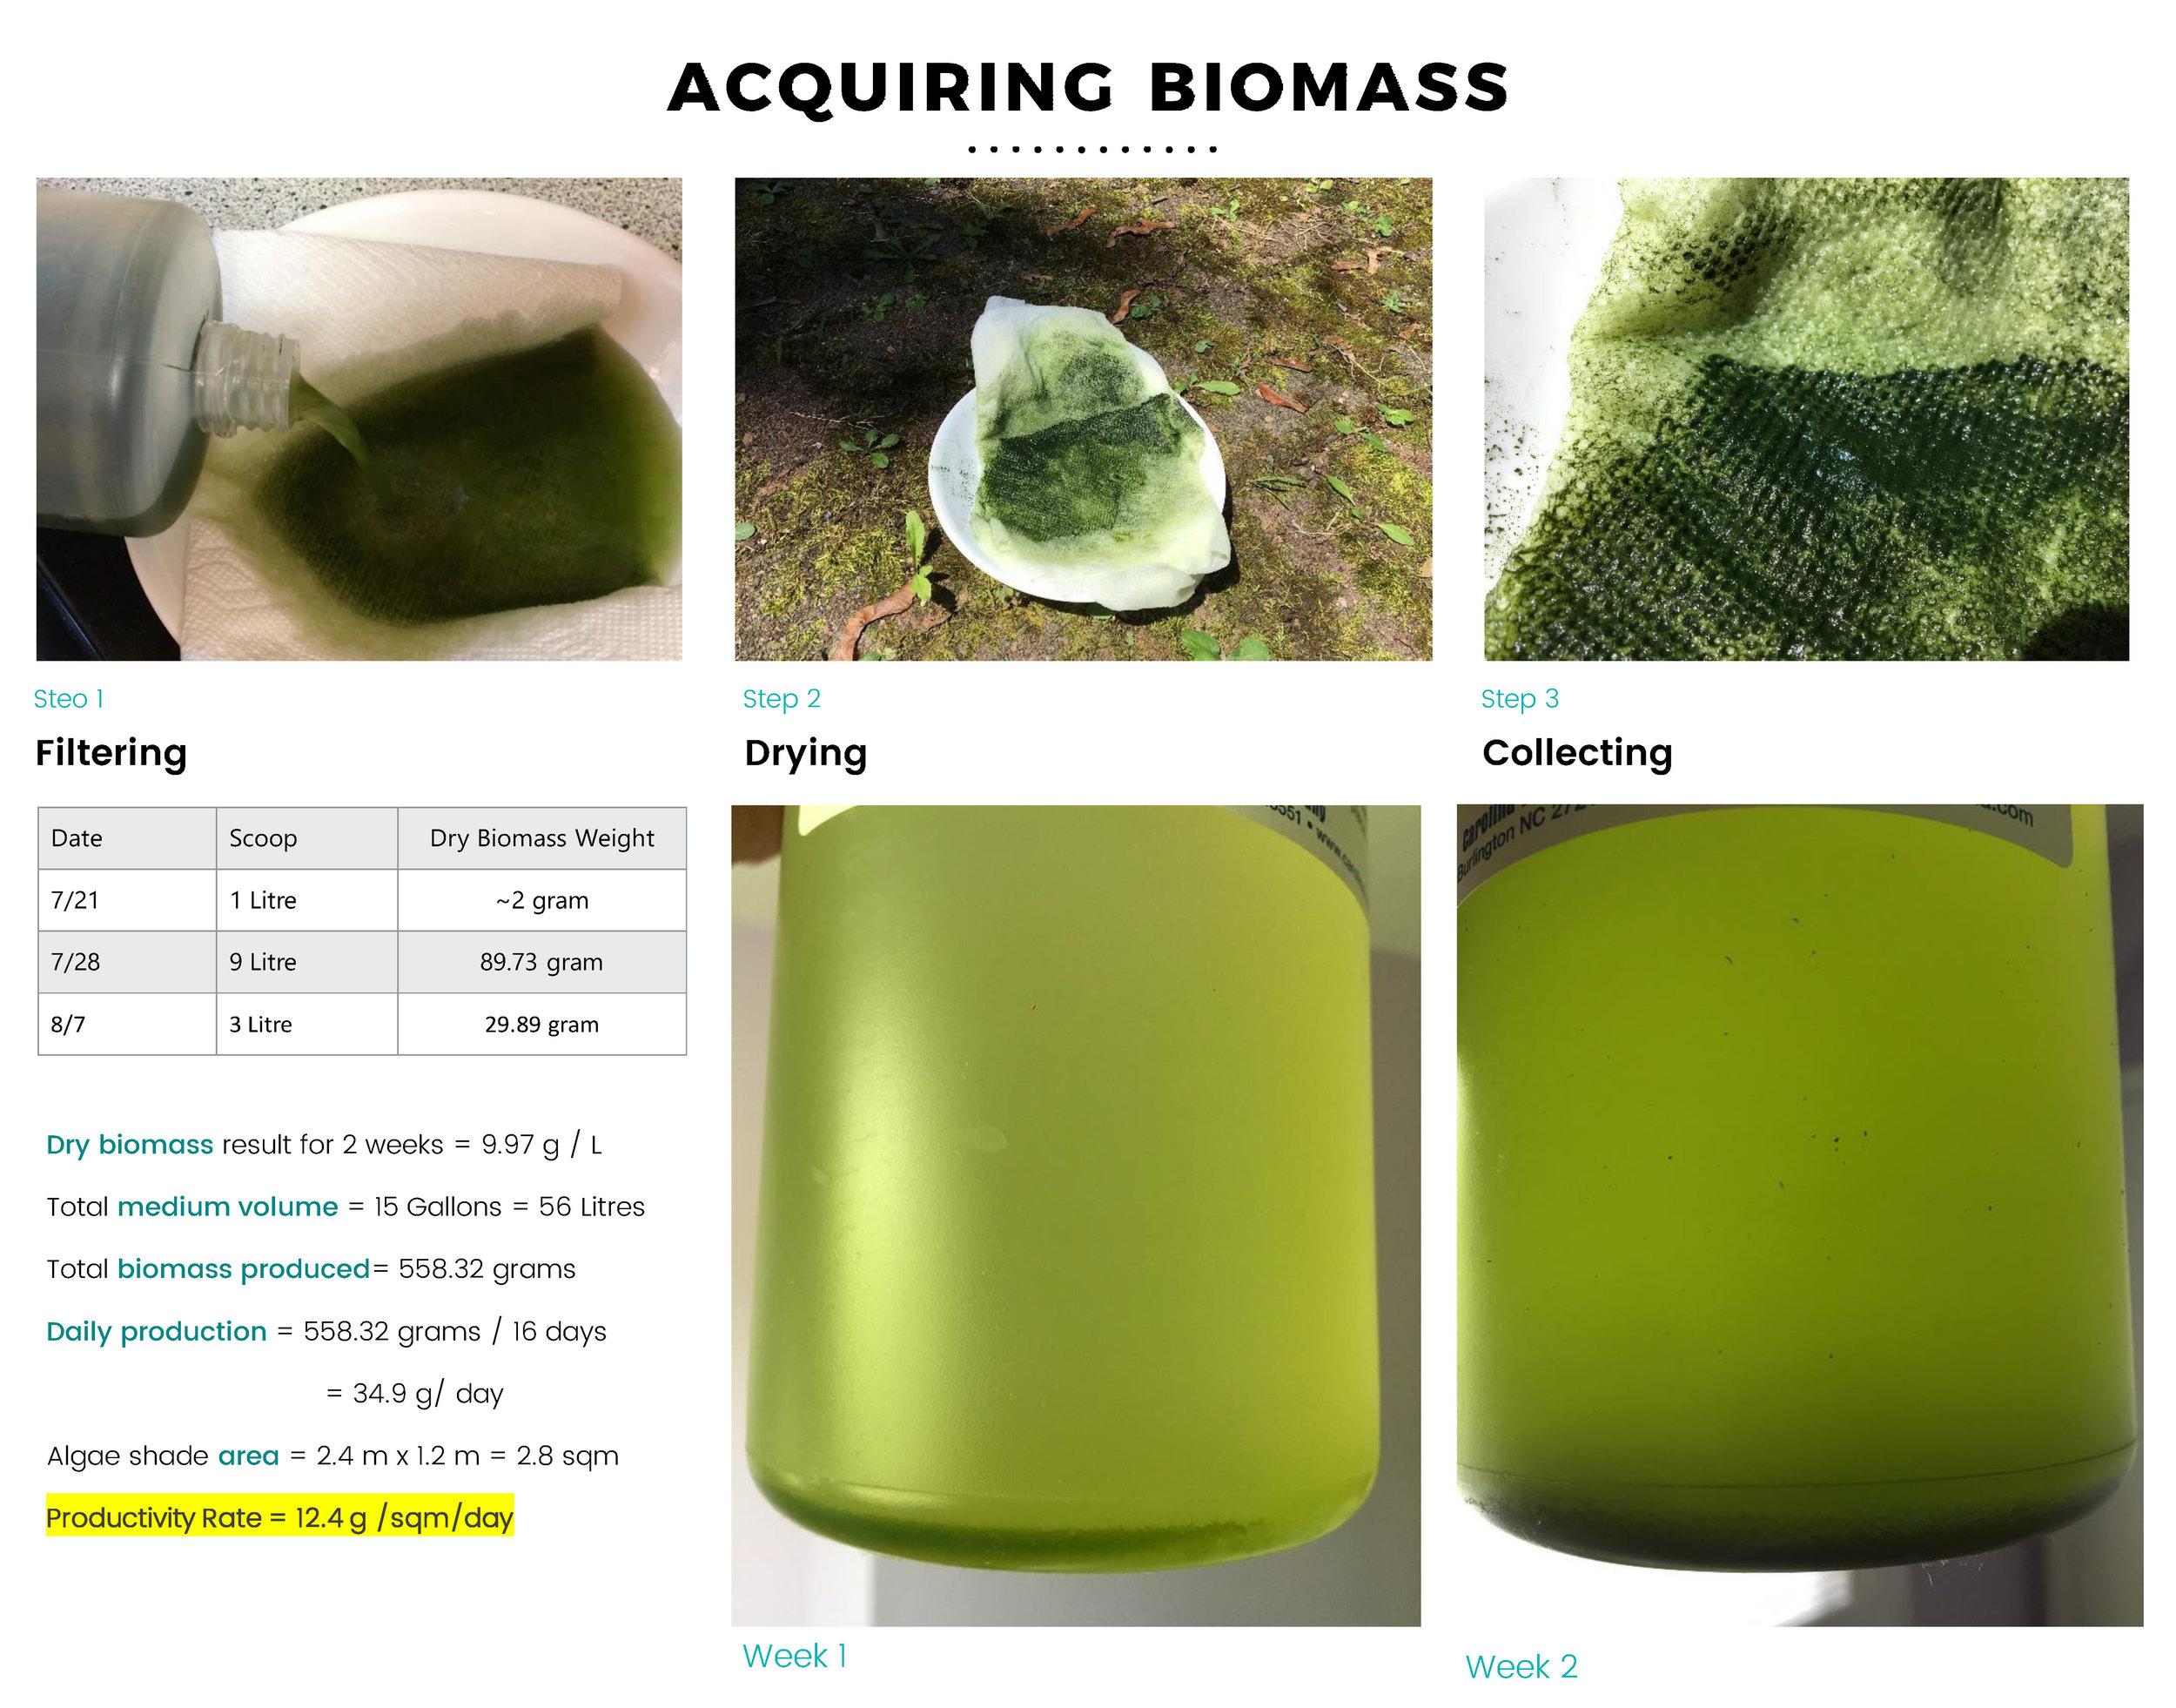 Algae Bioreactor as an Integrated Building Facade  (S17) | Fauzan Wassil (MSSD 2017)